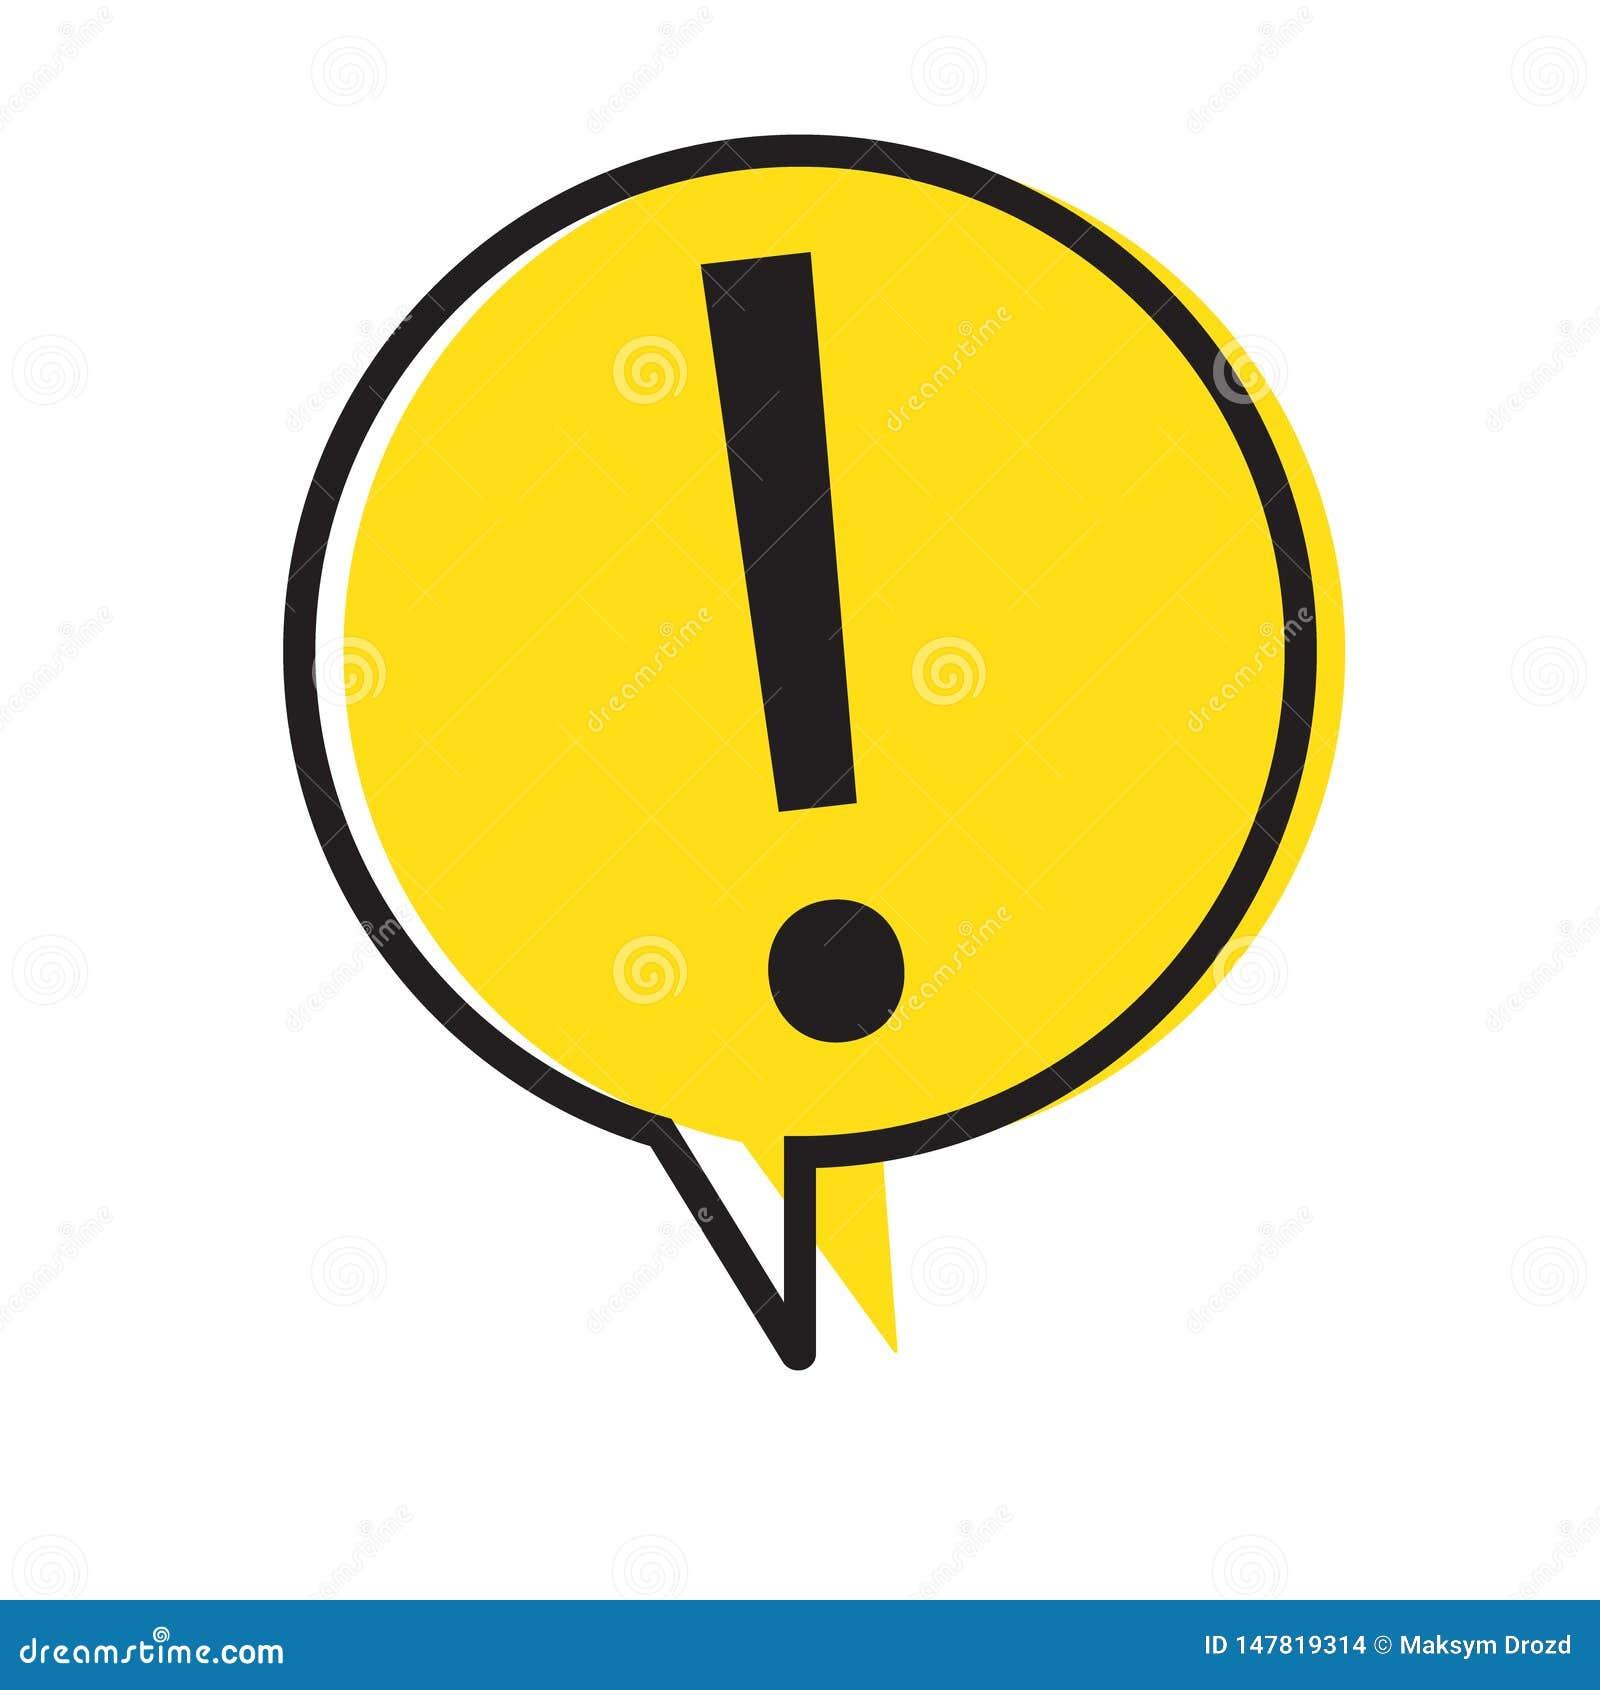 Знак внимания опасности предупреждая с символом в пузыре речи, иллюстрацией восклицательного знака вектора